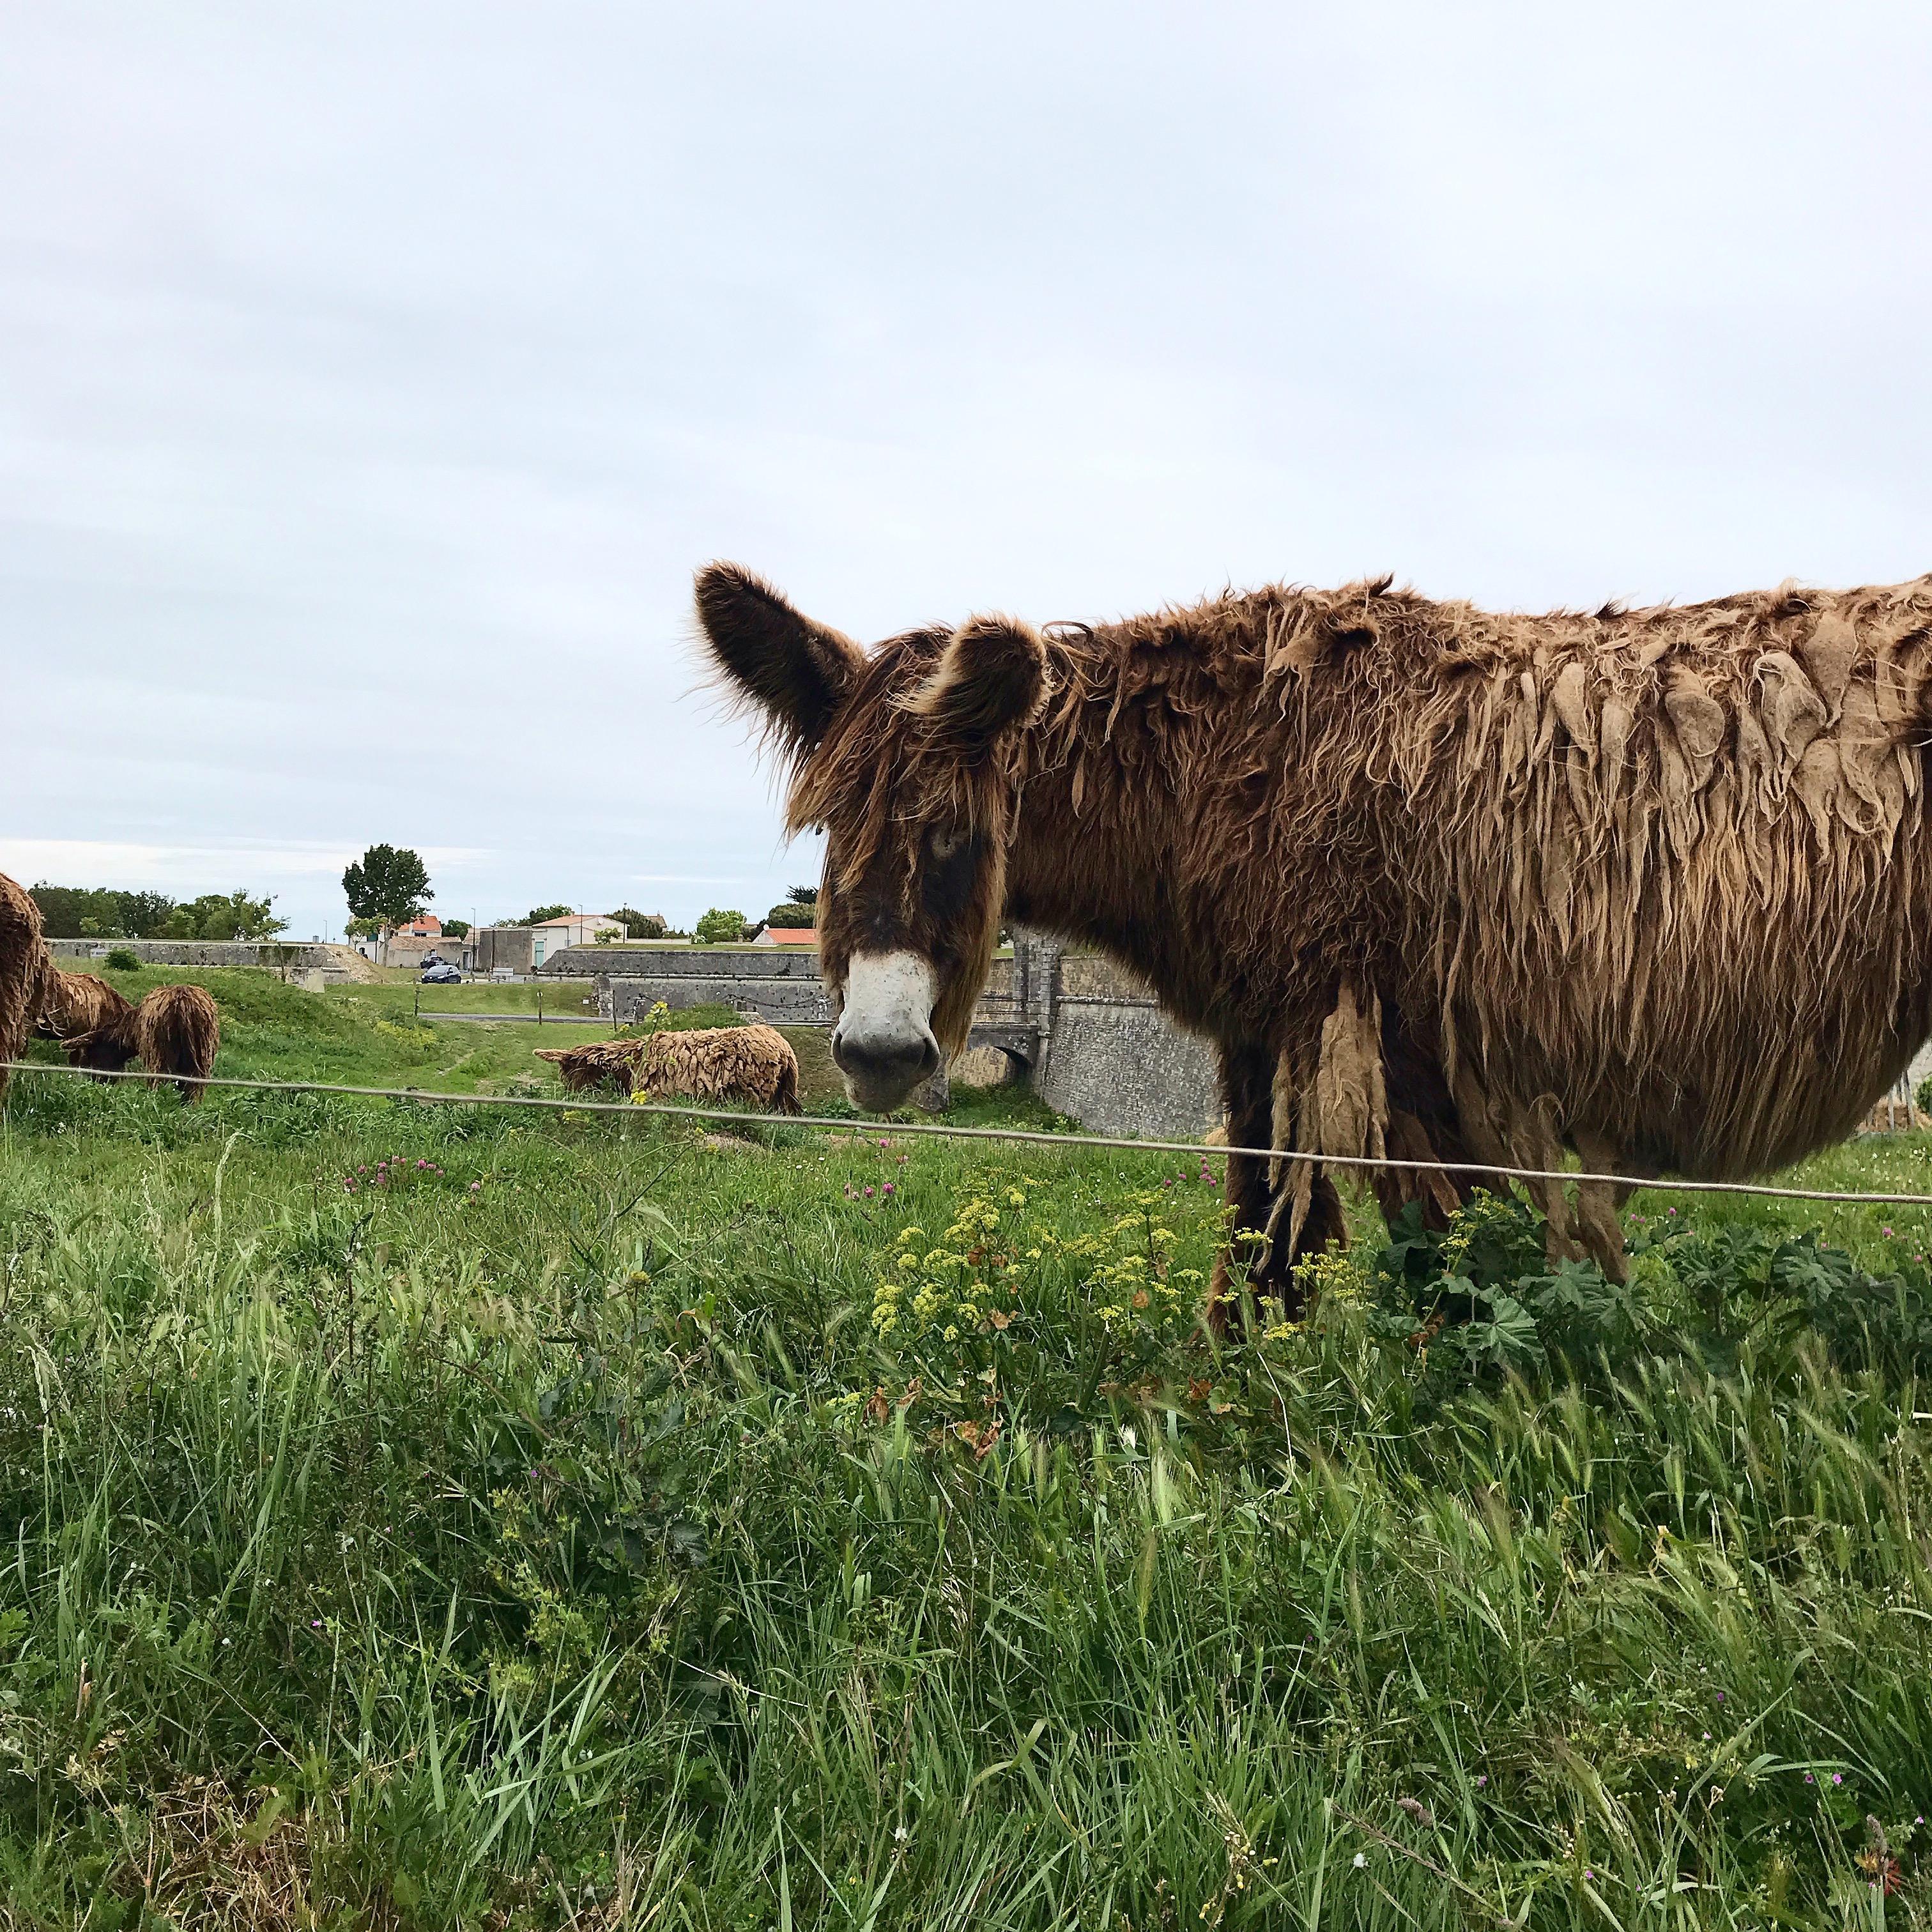 Donkeys in Ile de Re